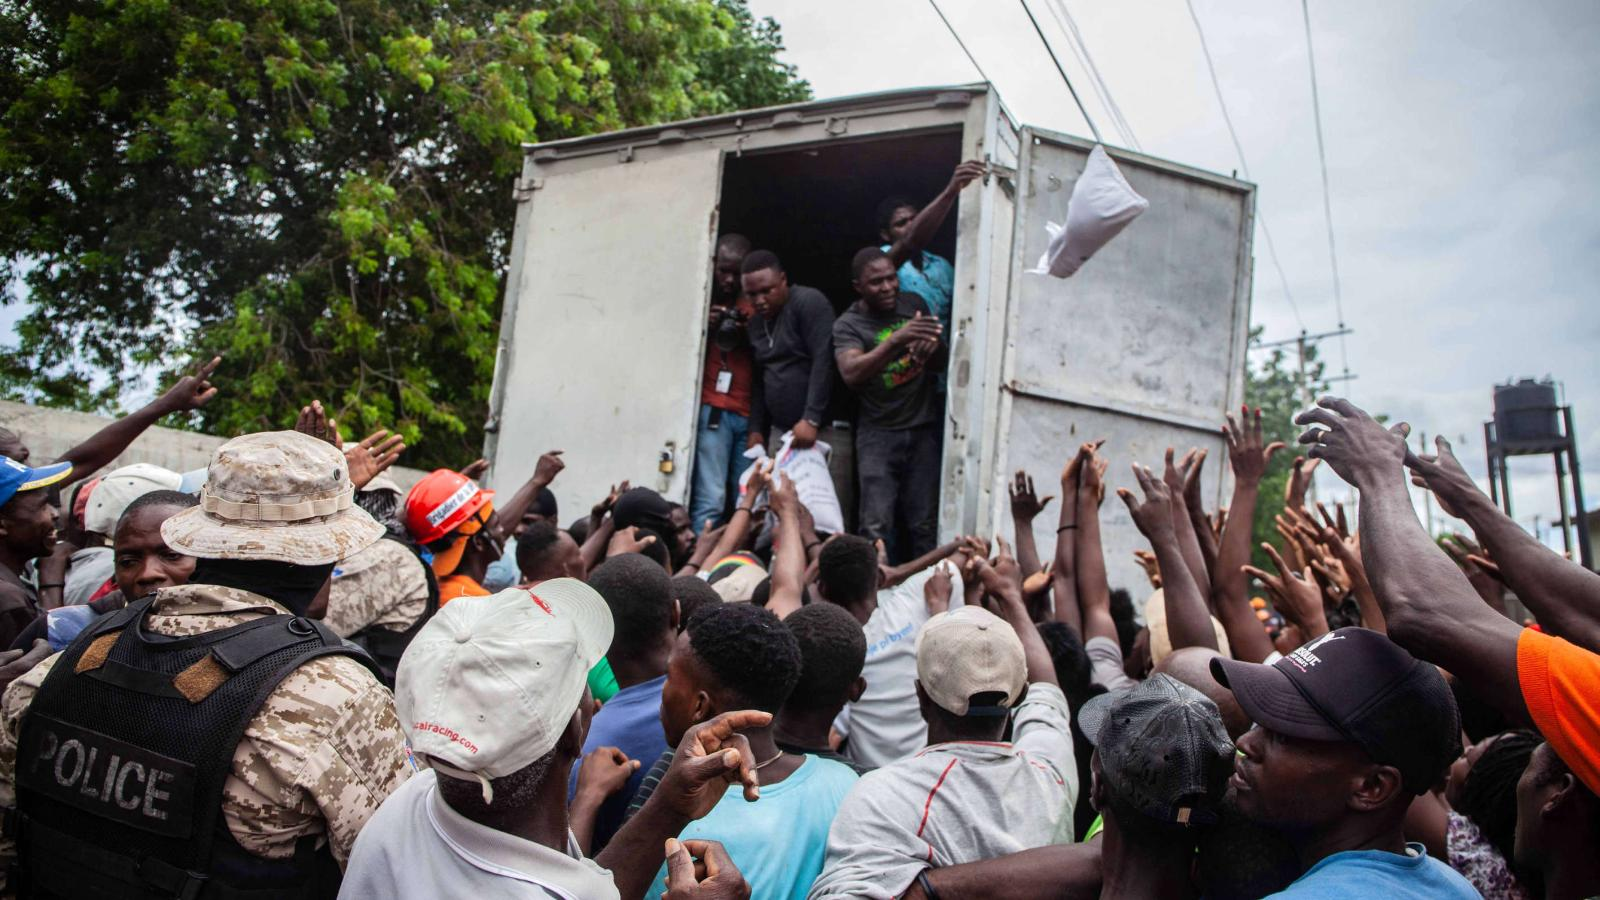 Llega ayuda a Haití por terremoto, pero no como en 2010